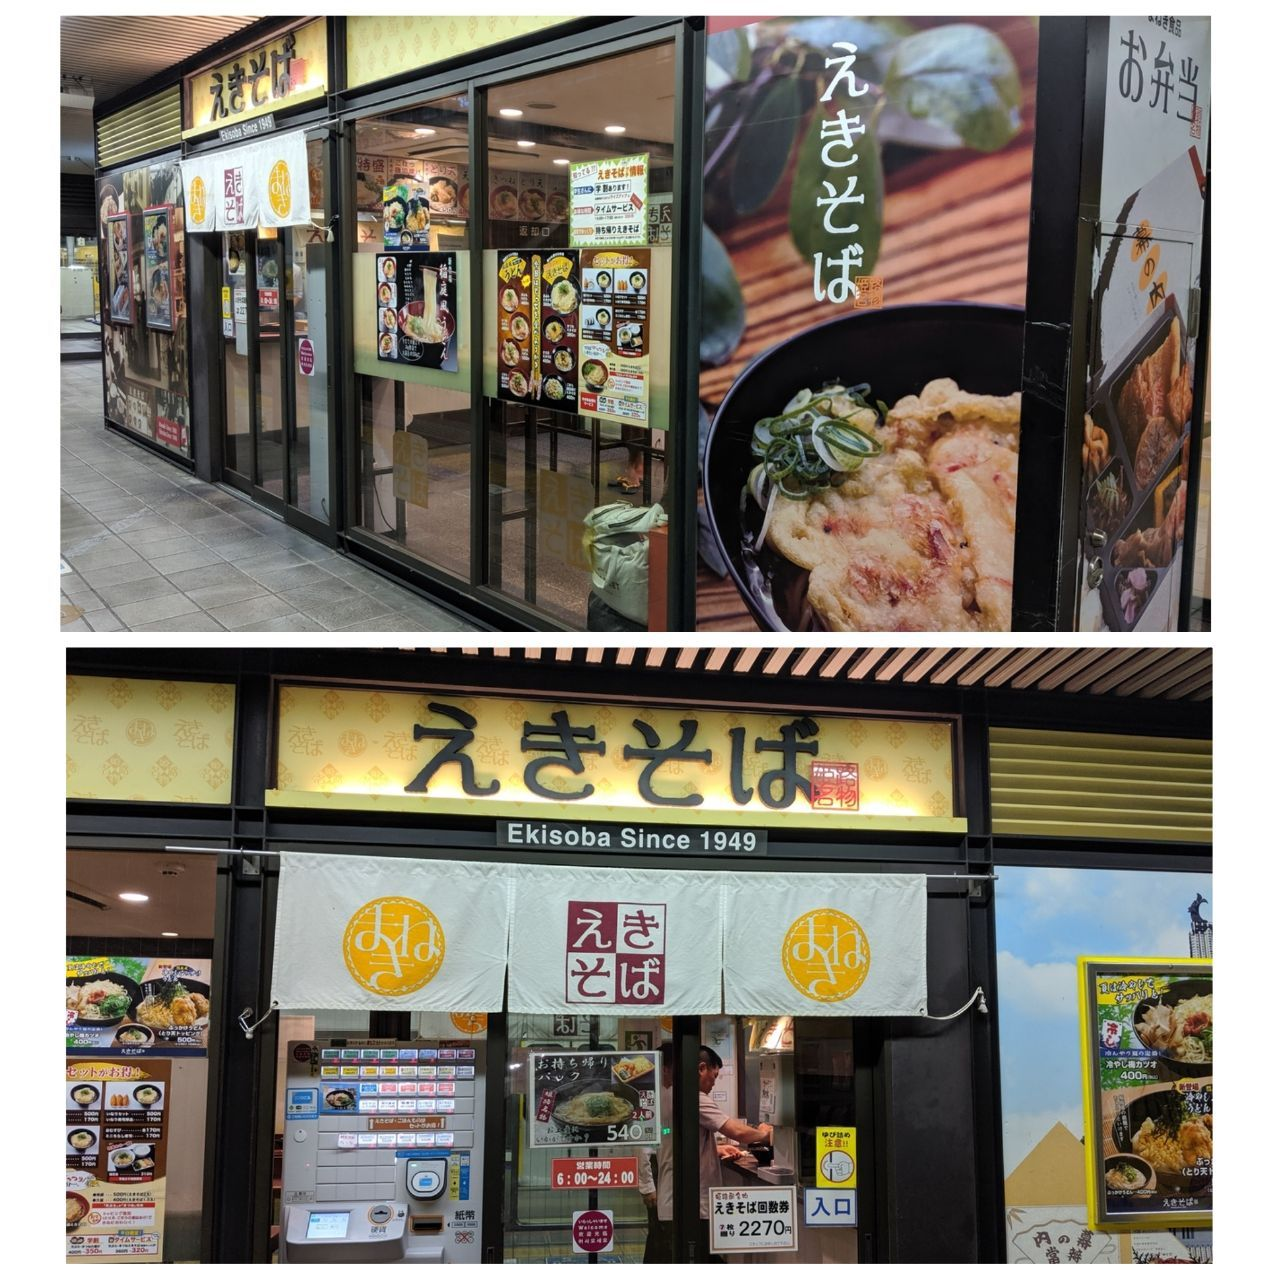 ■■破産寸前の超・貧乏個人投資家の株式投資■■ 土曜日の夜は、JR姫路駅ホームで 駅そばを食べました。 めちゃくちゃ、おいしい訳でないけど まぁ儀式